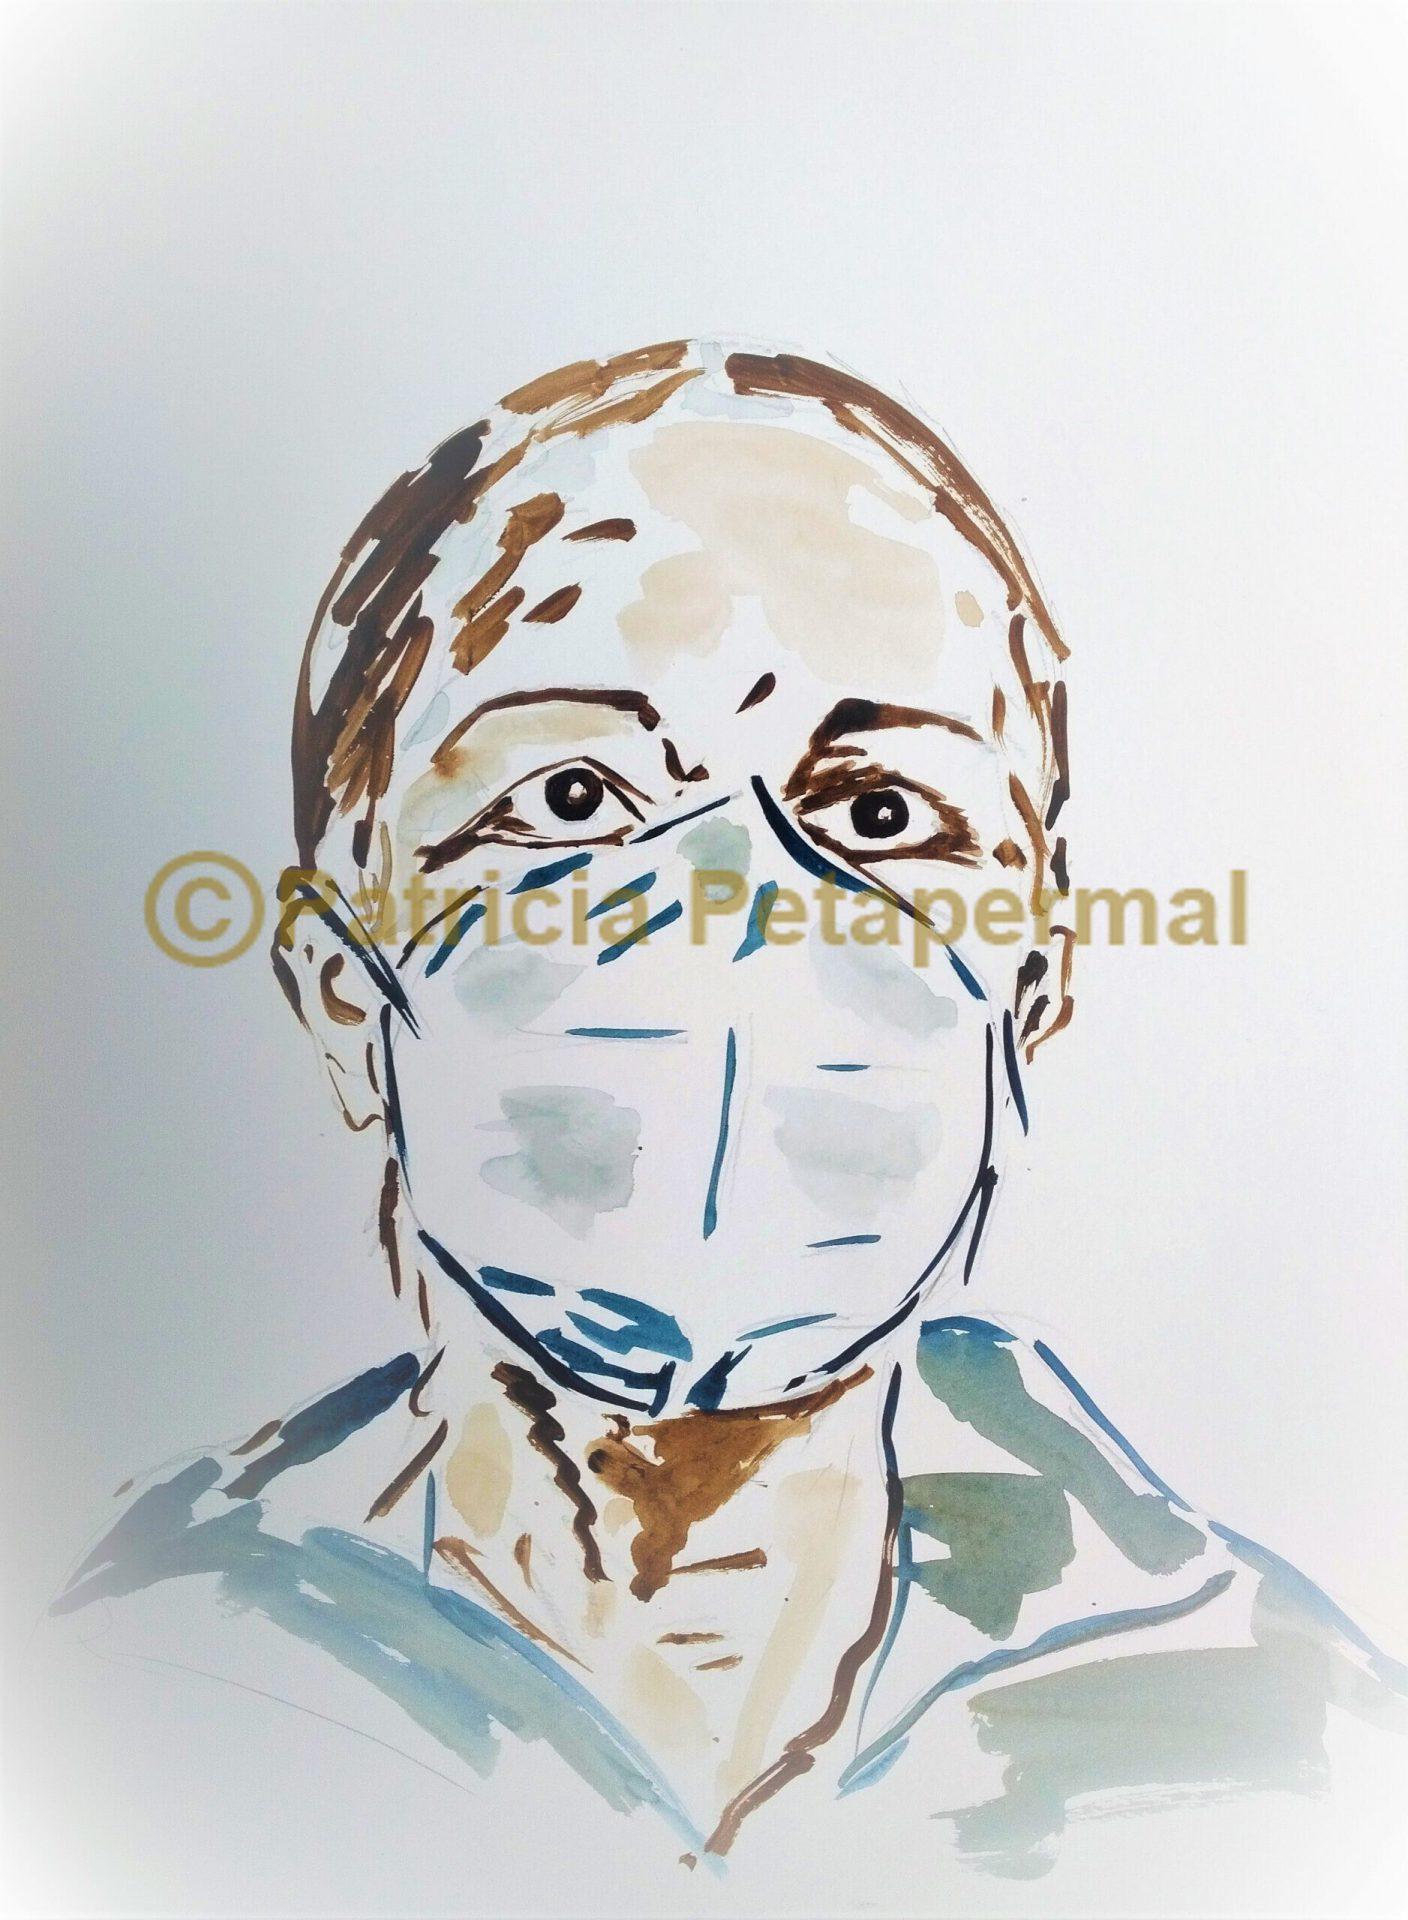 Perspektiven – Menschen & Blickwinkel in der Corona-Pandemie